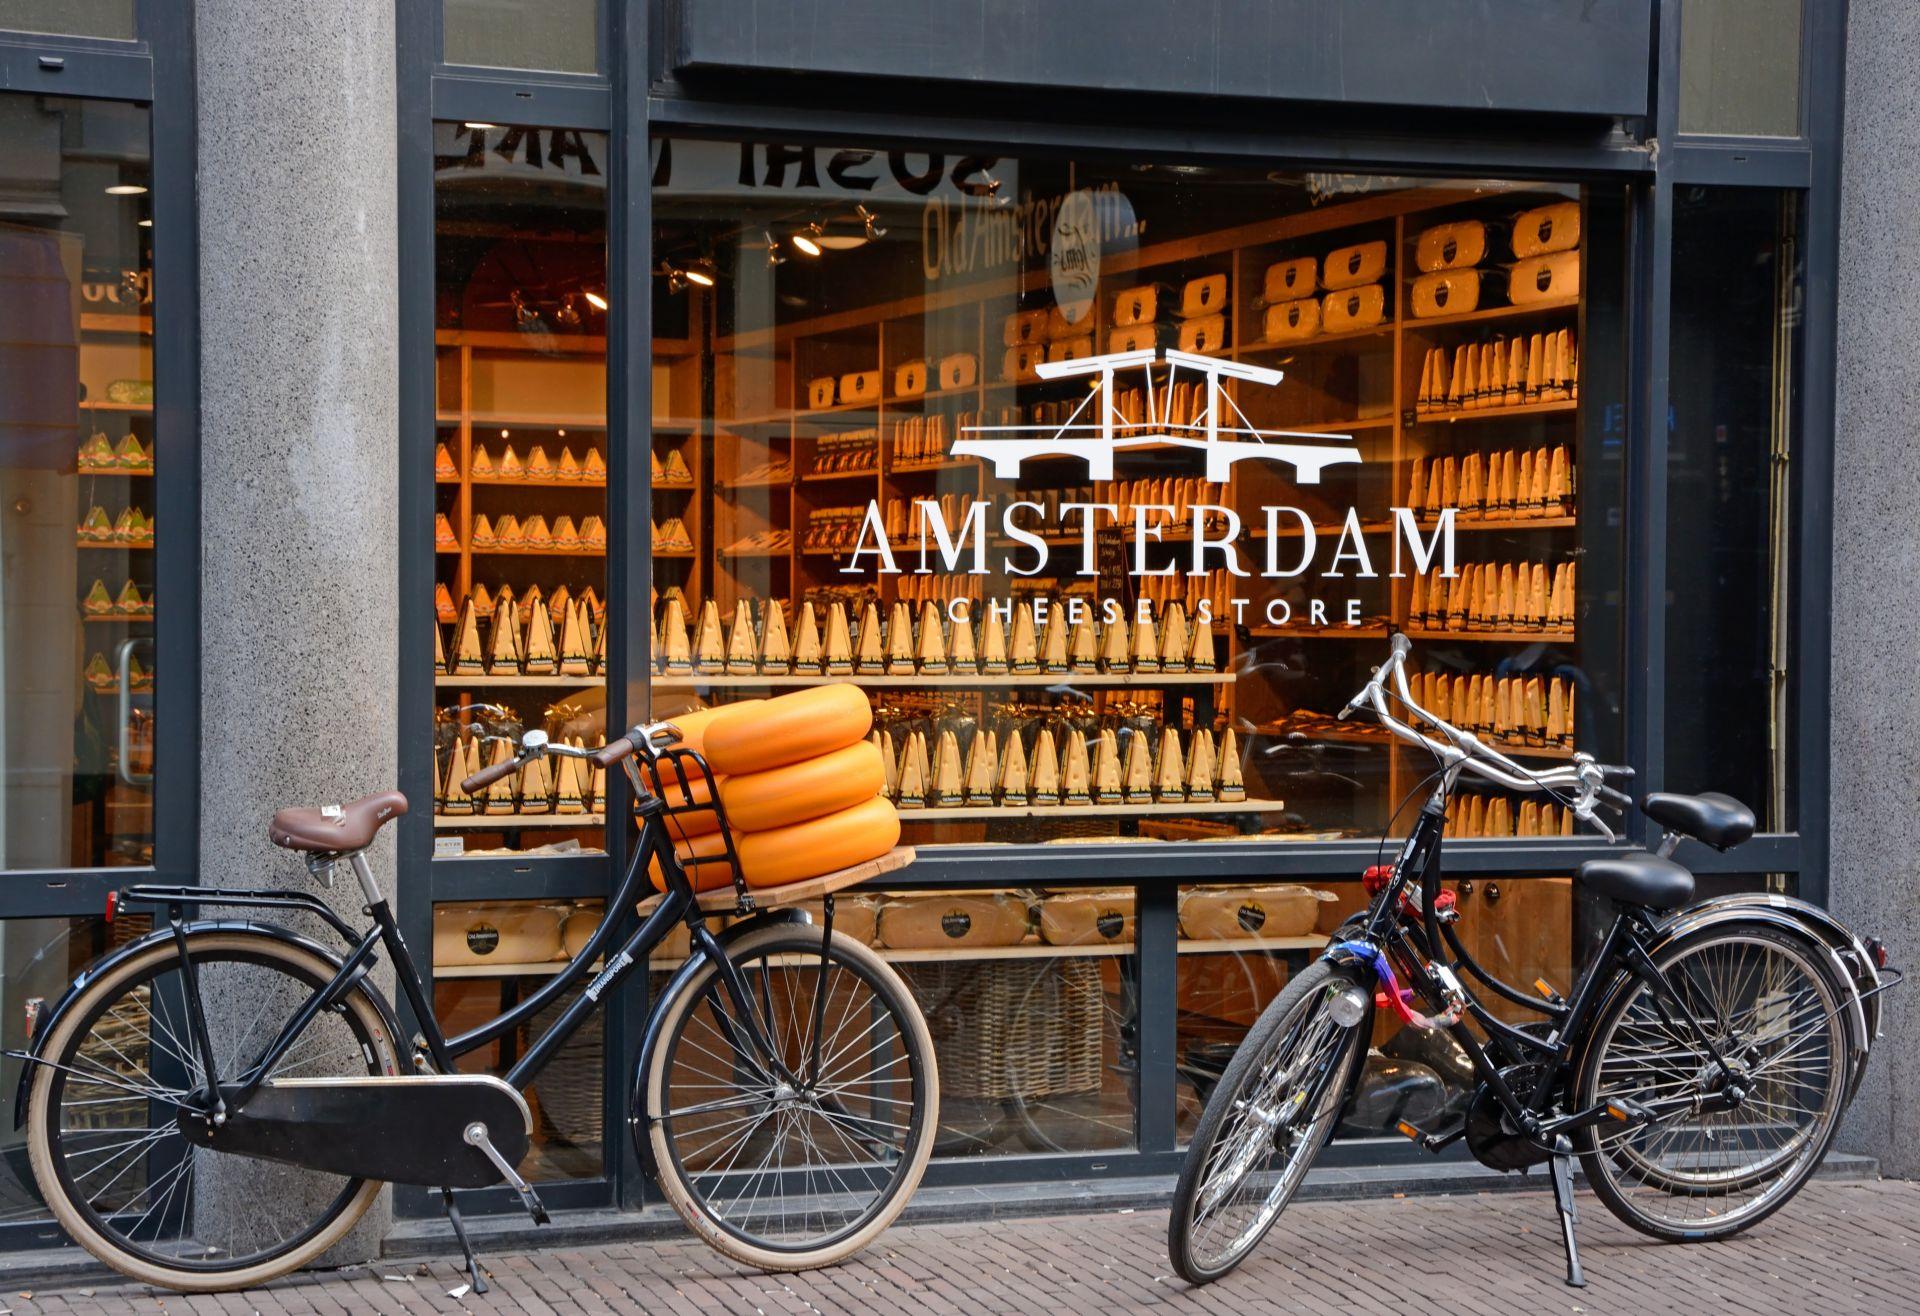 Витрина на магазин за сирене в Амстердам